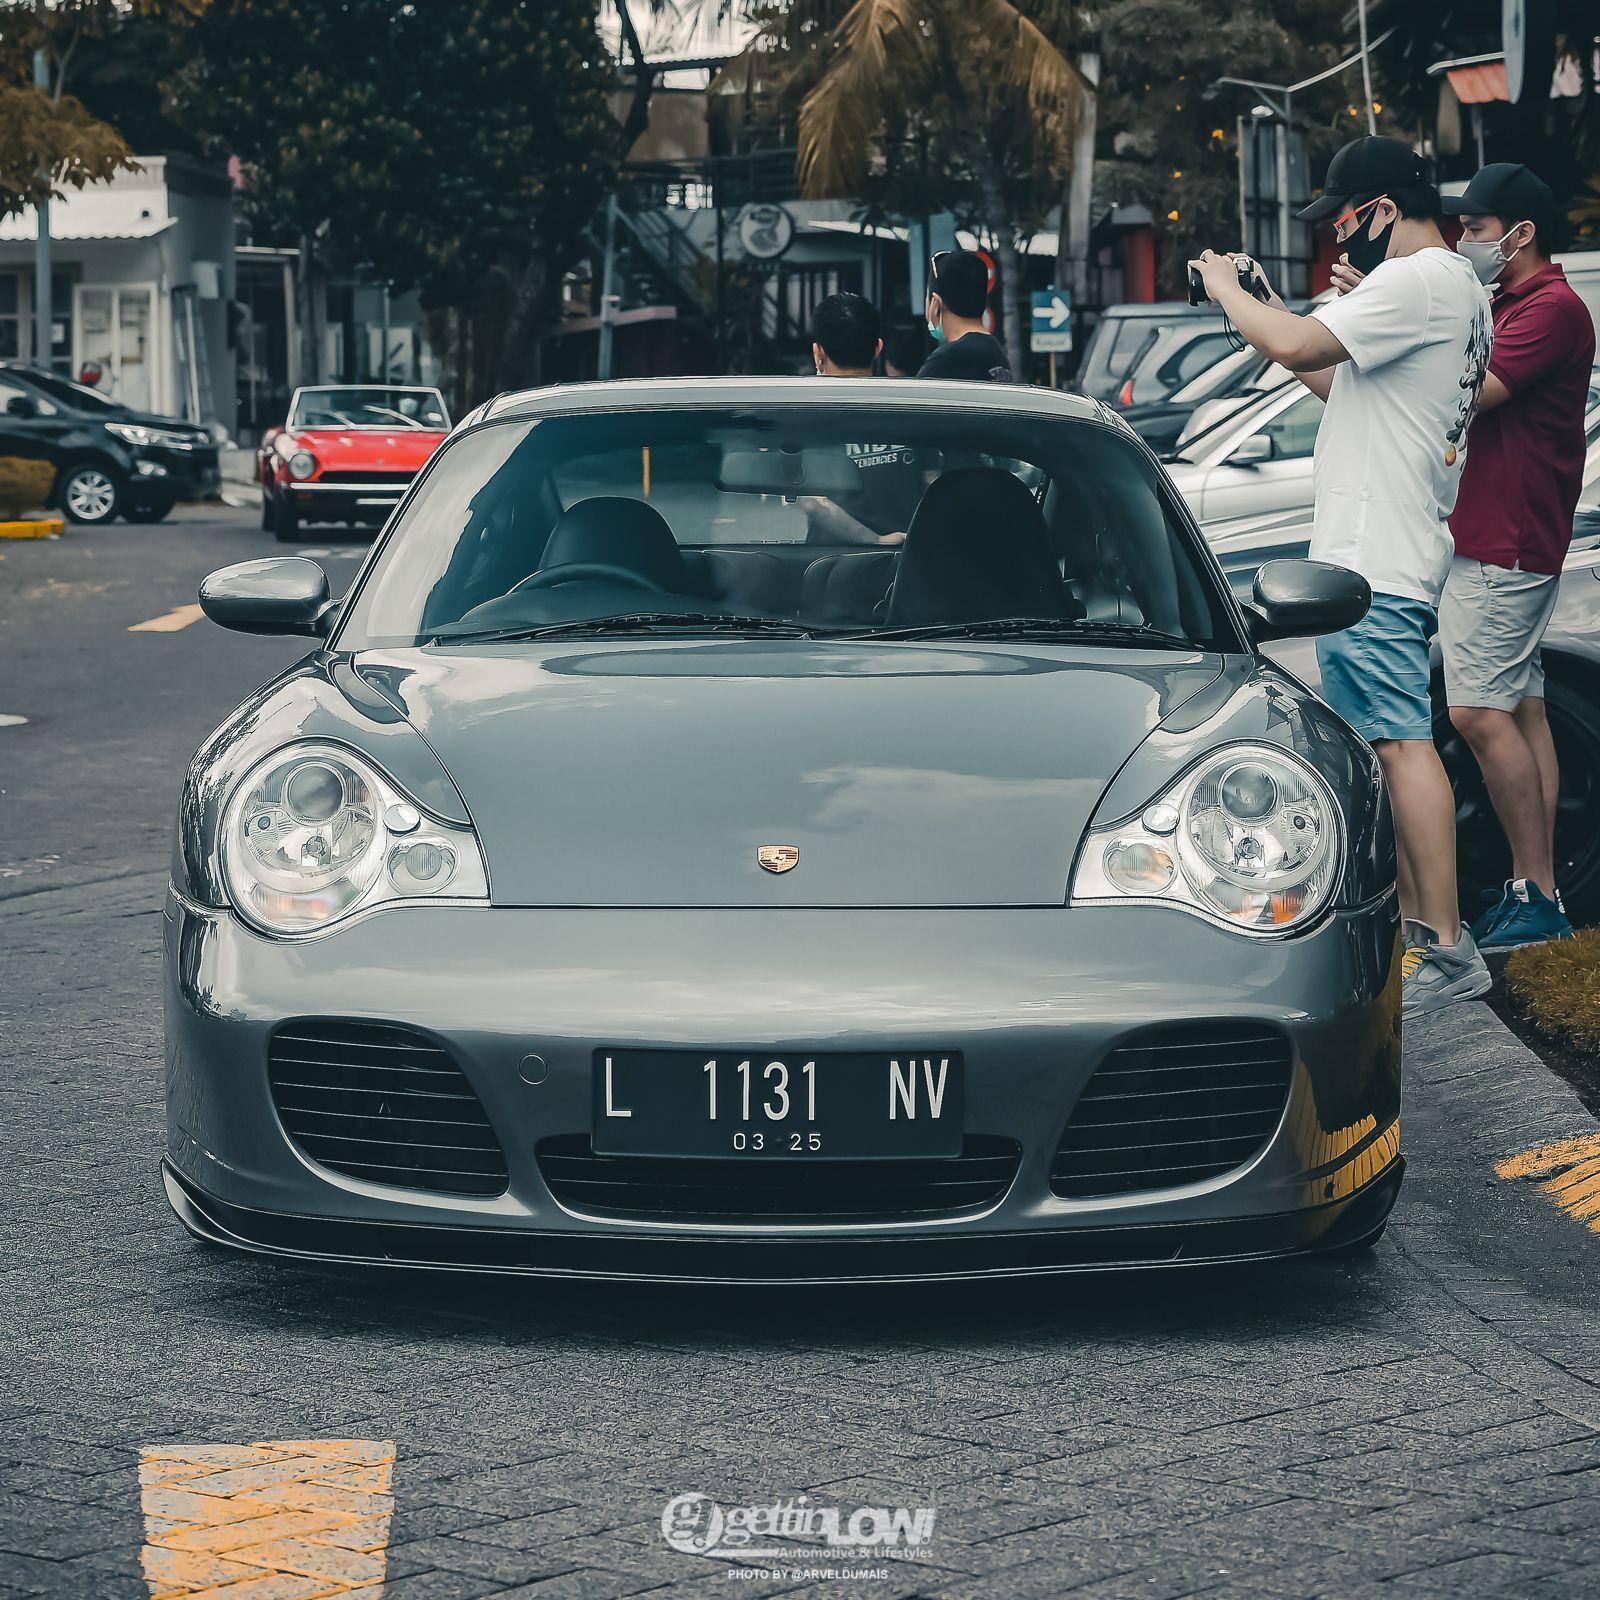 New Normal Meet Up 30 Mei 2020 Surabaya Porsche 911 Mobil Klasik Surabaya